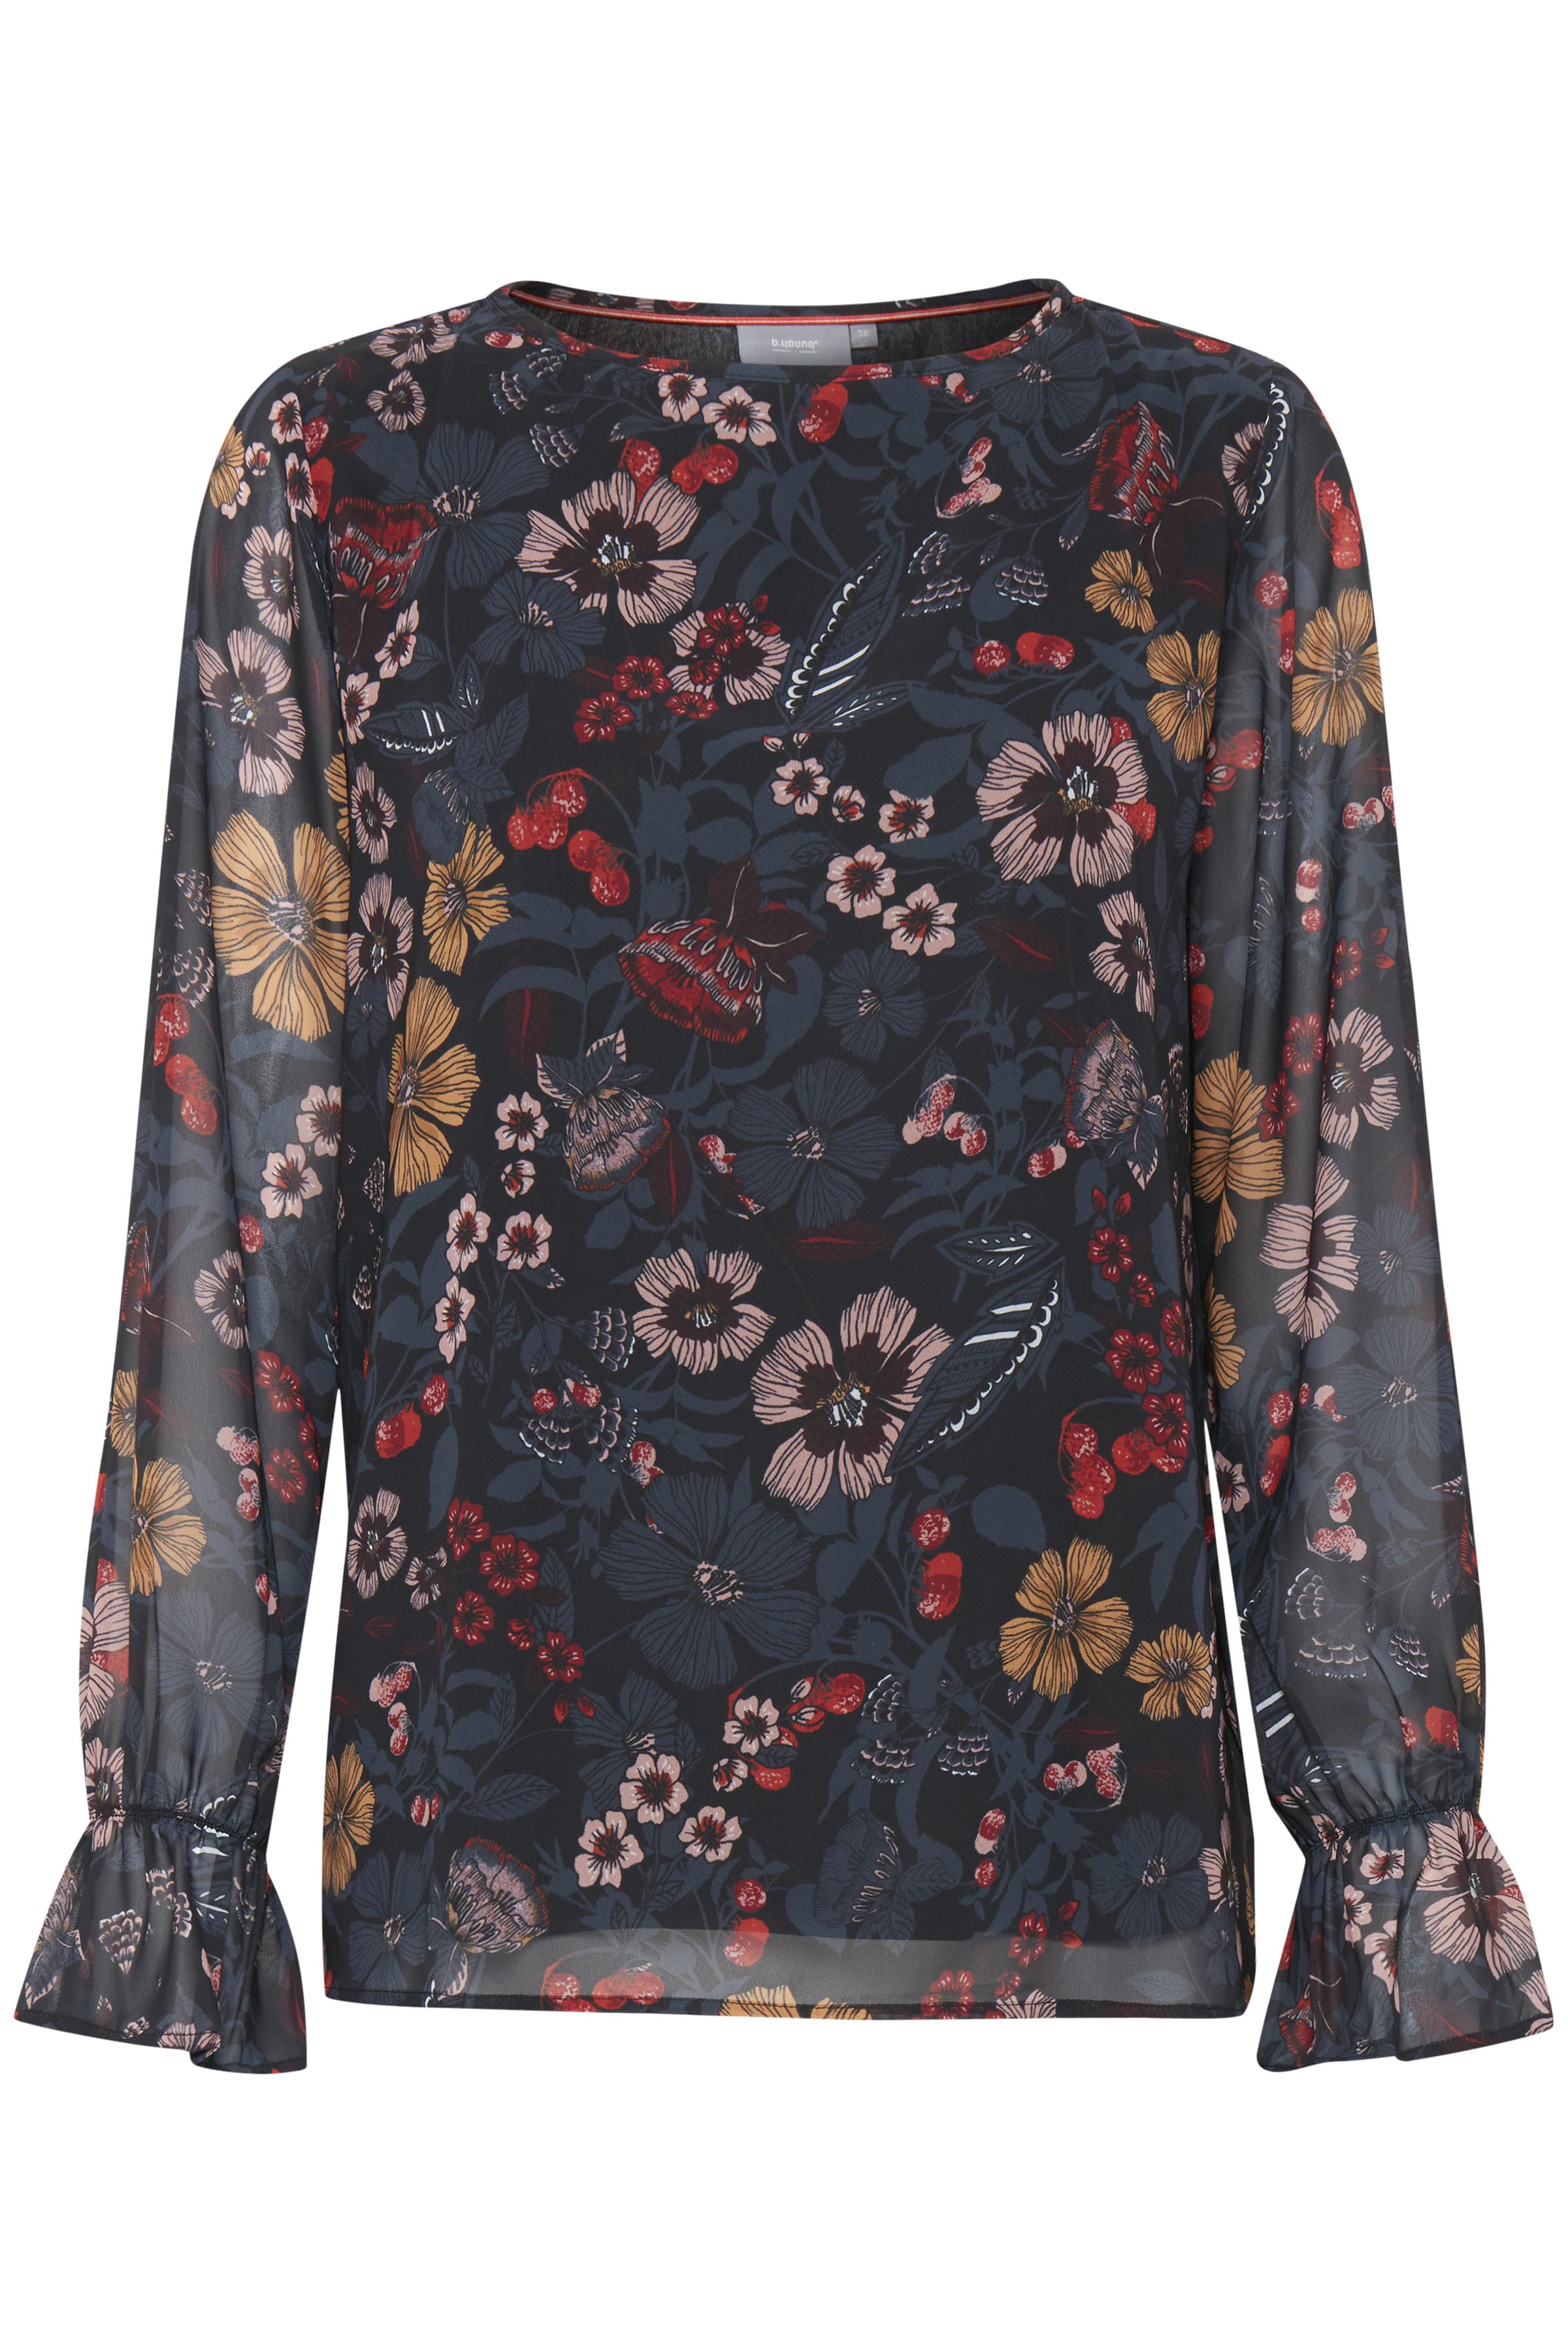 Sort/rød Langærmet bluse fra b.young – Køb Sort/rød Langærmet bluse fra str. 34-46 her